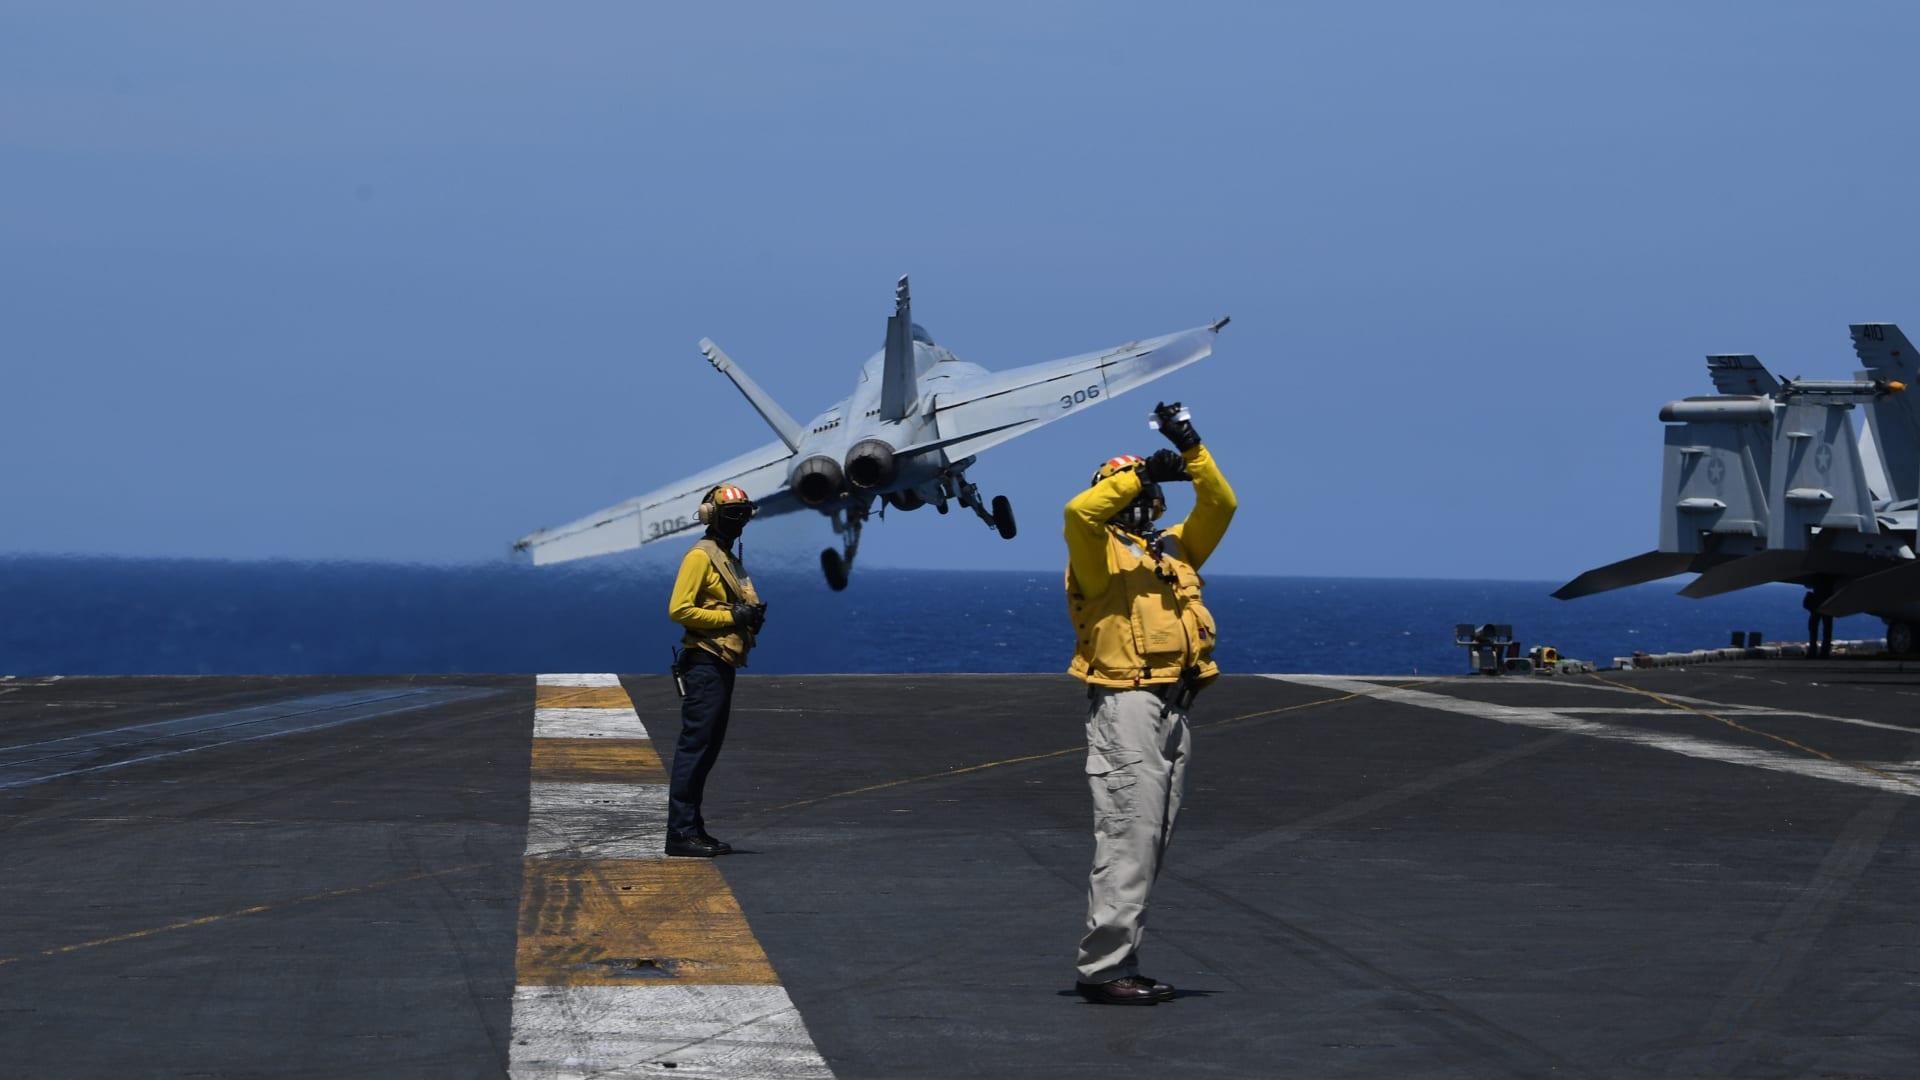 أكثر من 100 بحار مصاب بفيروس كورونا على حاملة طائرات أمريكية